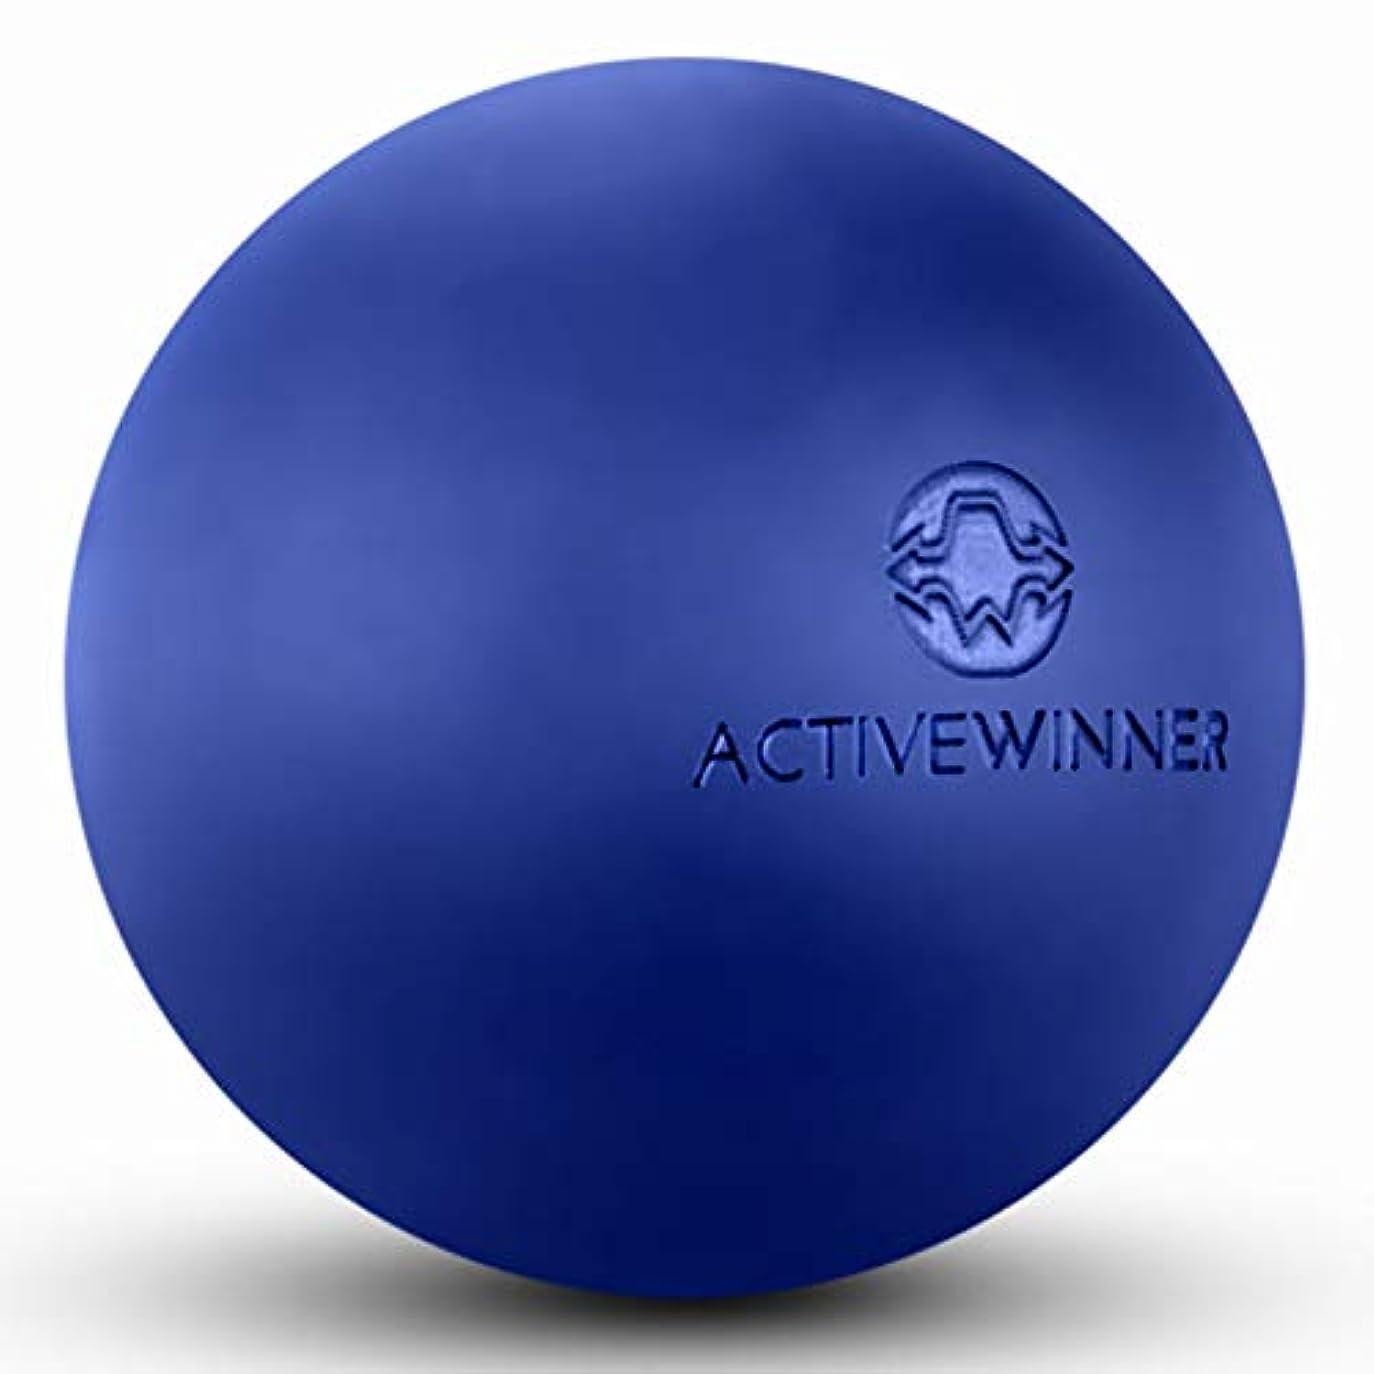 Active Winner マッサージボール トリガーポイント (ネイビー) ストレッチボール 筋膜リリース トレーニング 背中 肩こり 腰 ふくらはぎ 足 ツボ押し